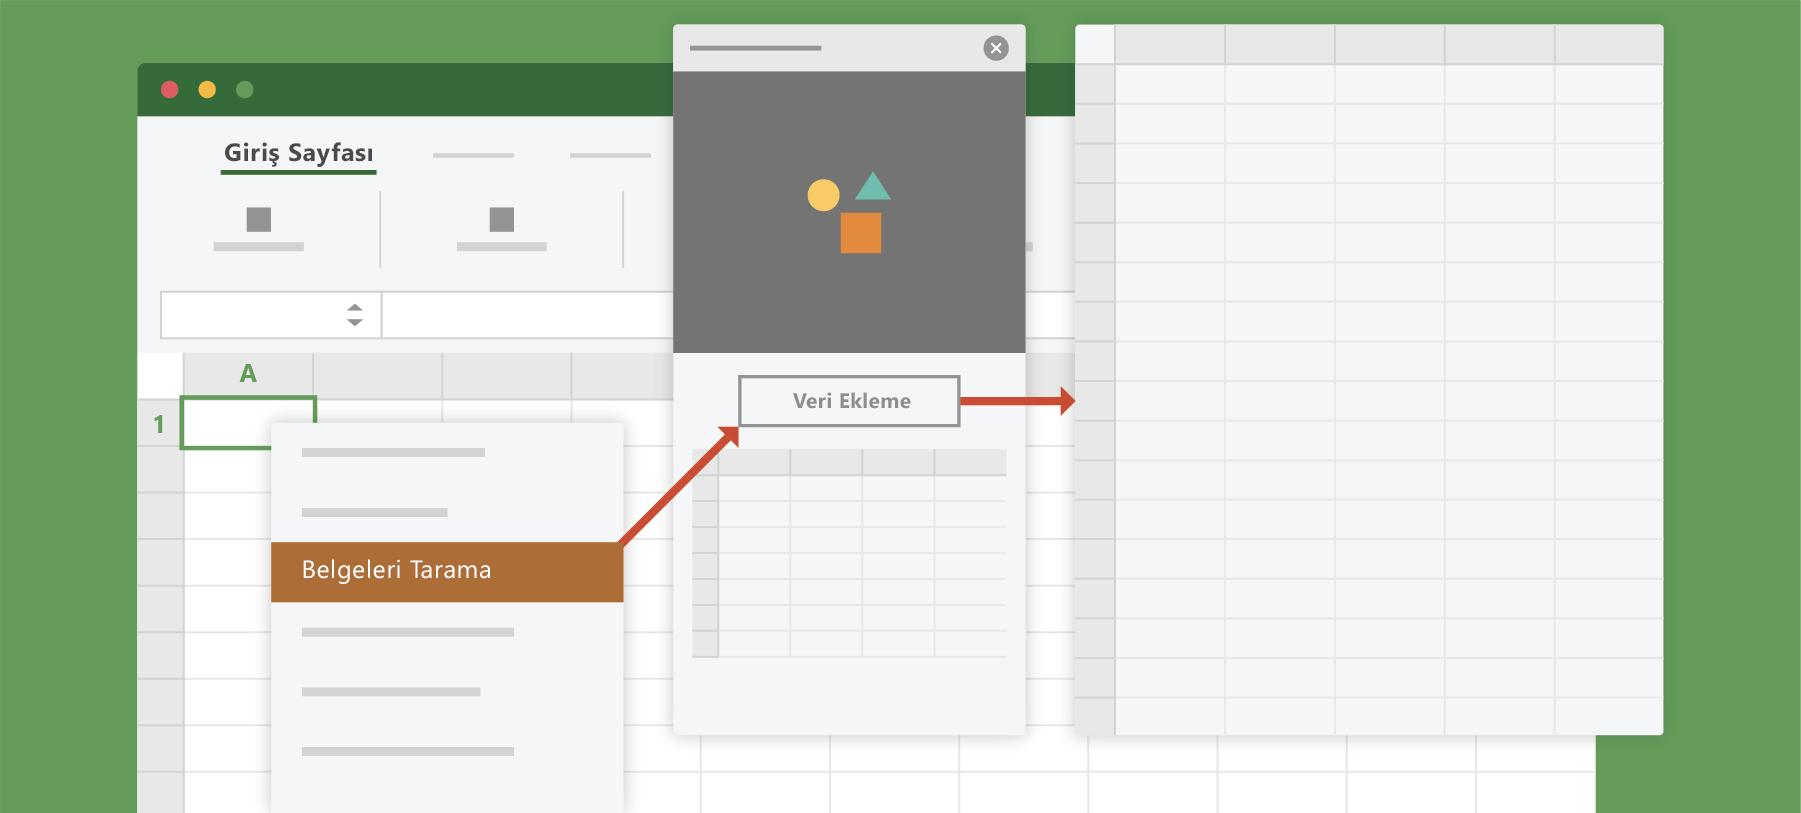 Excel'de Belgeyi tara seçeneğini gösterir